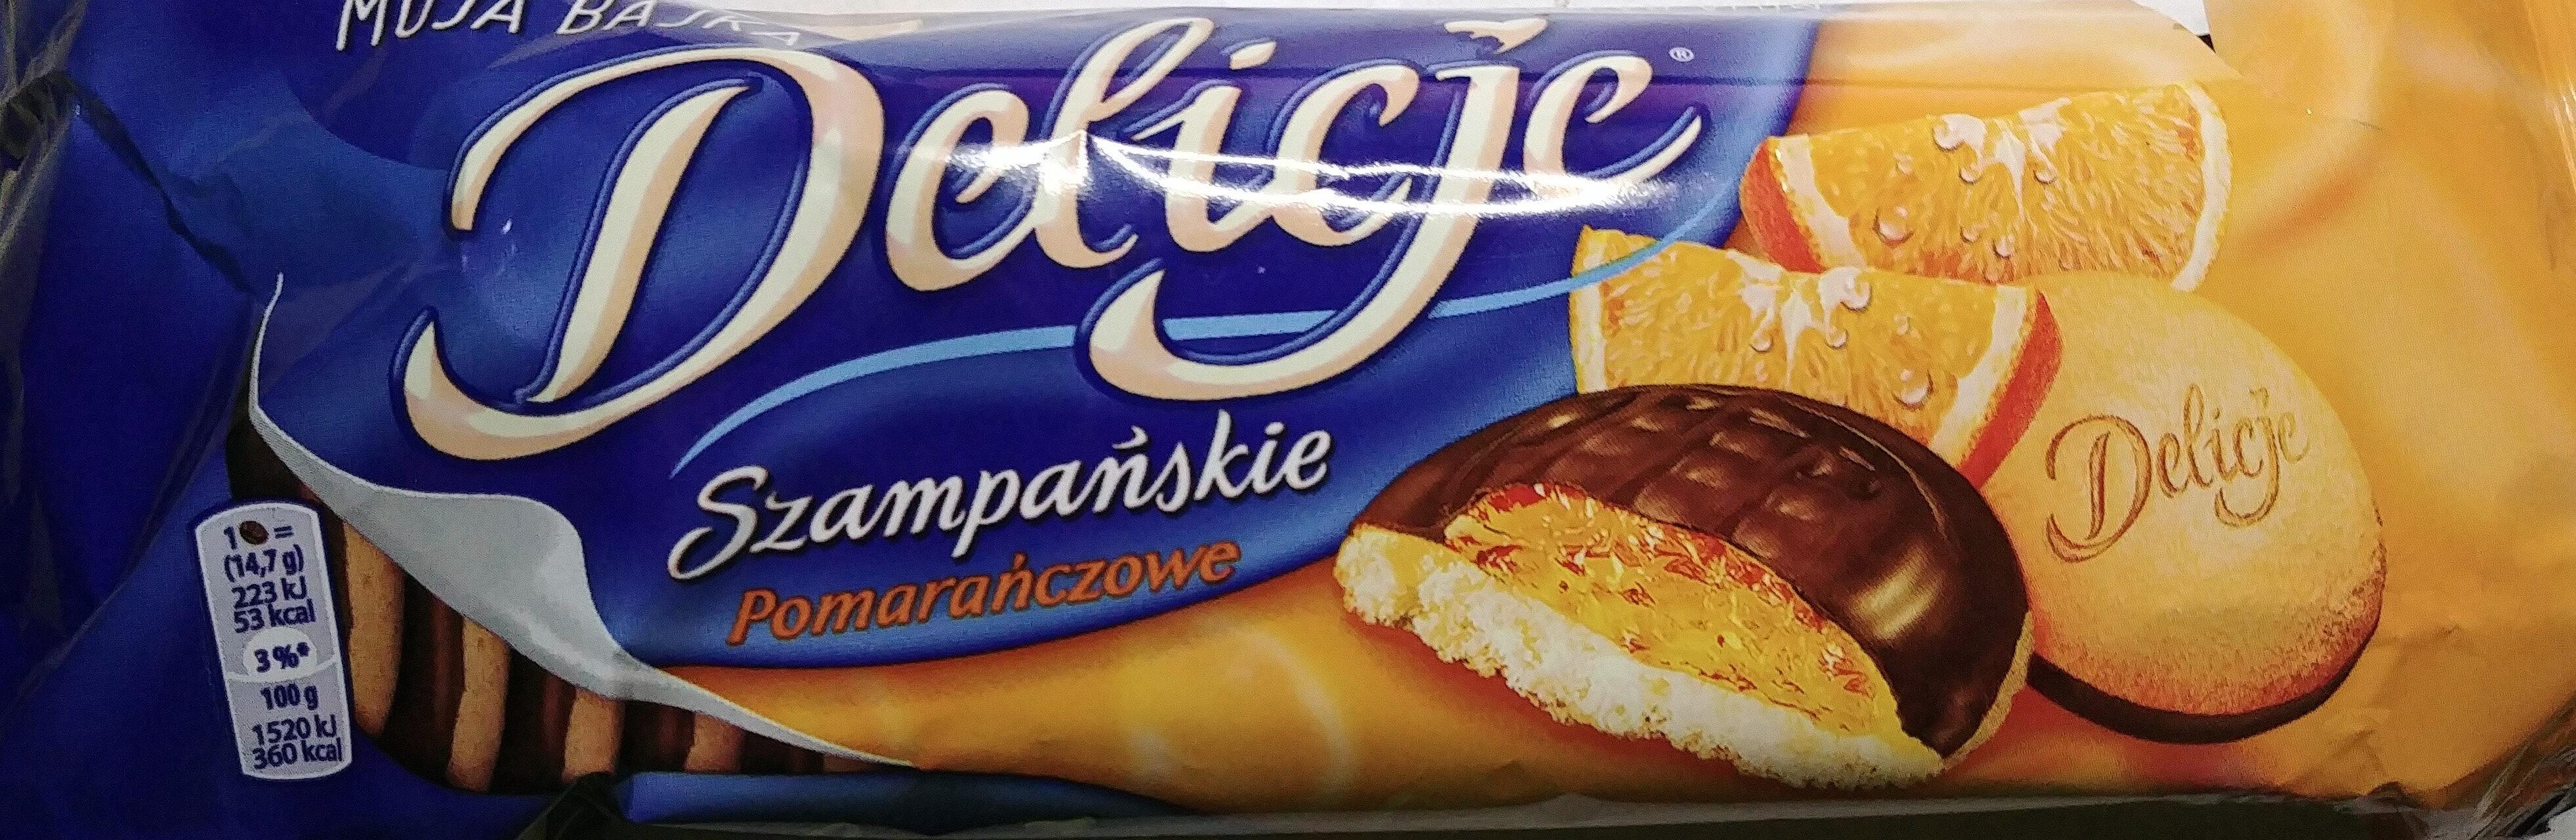 Delicje Szampańskie pomarańczowe - Produkt